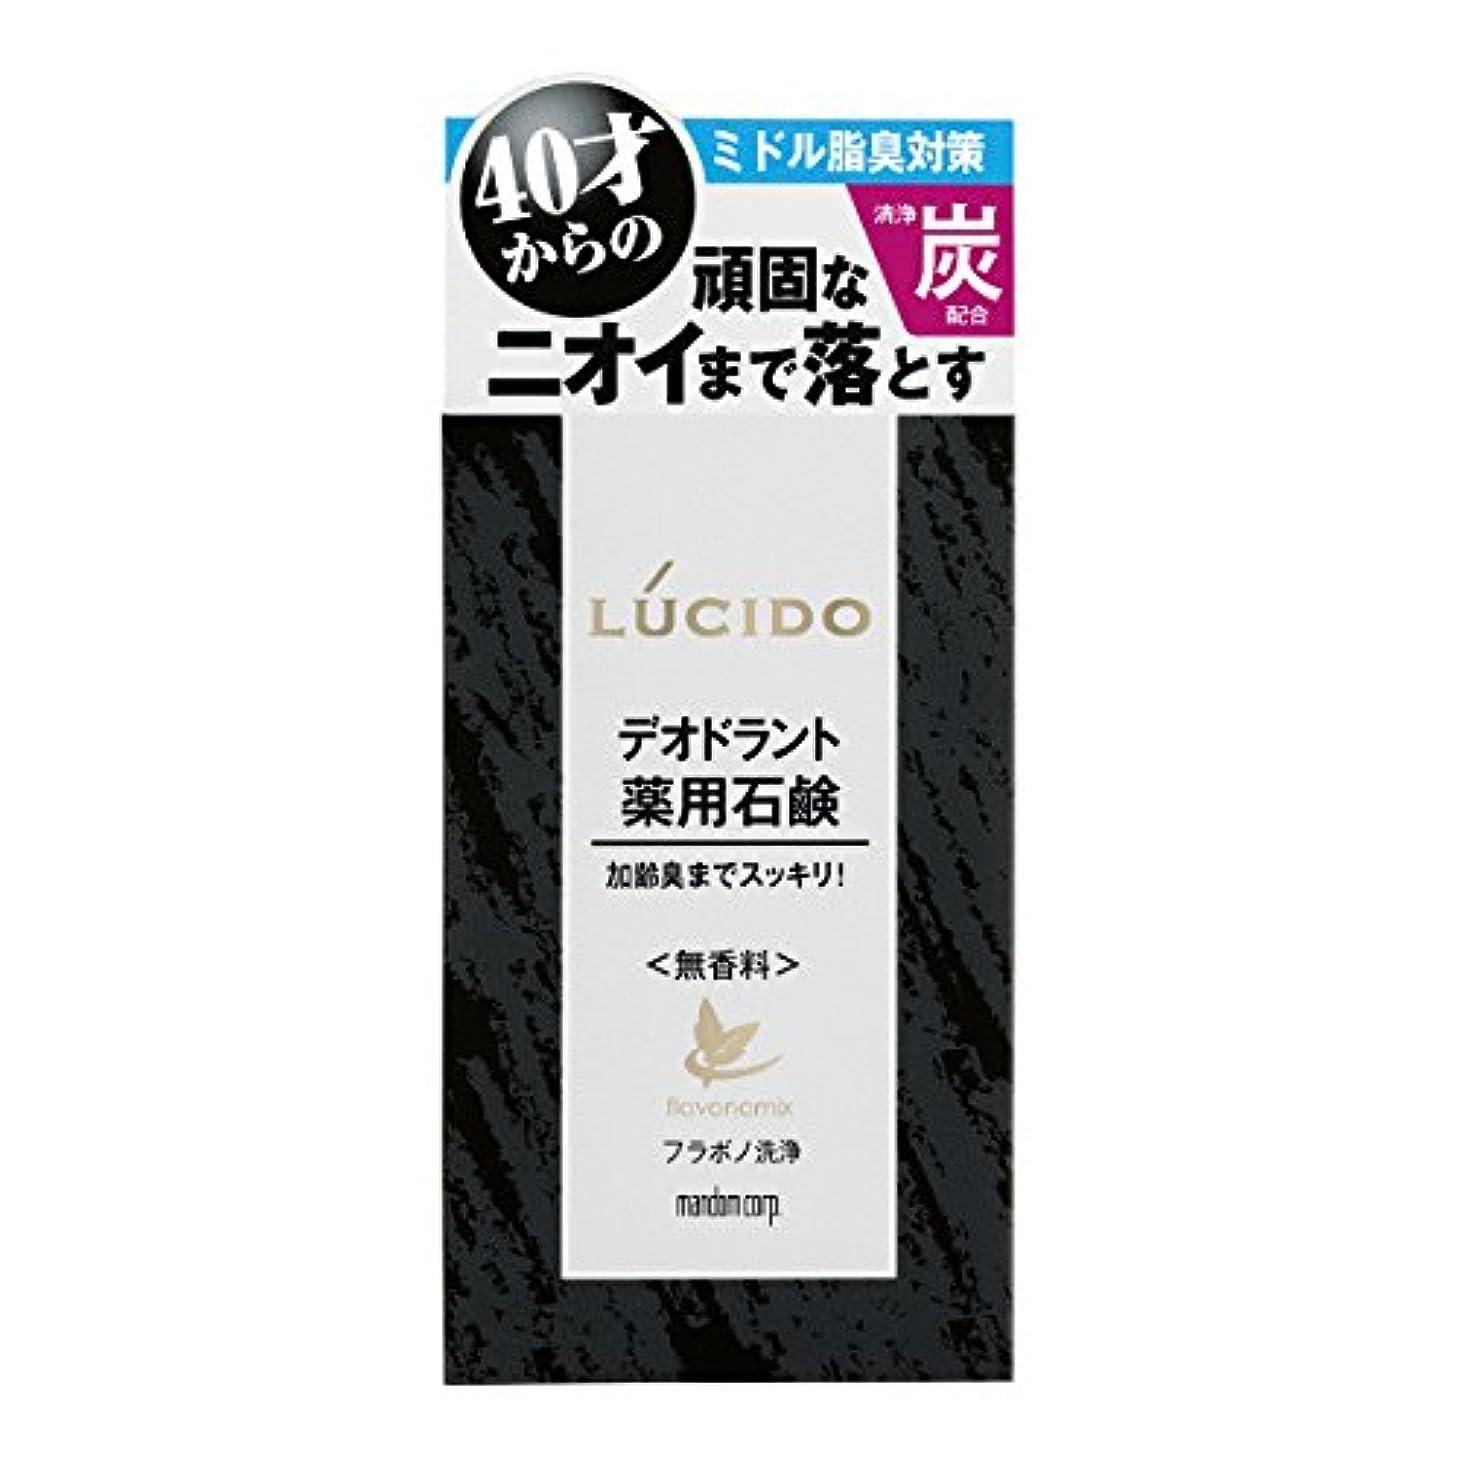 コミュニケーション引き受ける動的ルシード 薬用デオドラント石鹸 100g(医薬部外品)